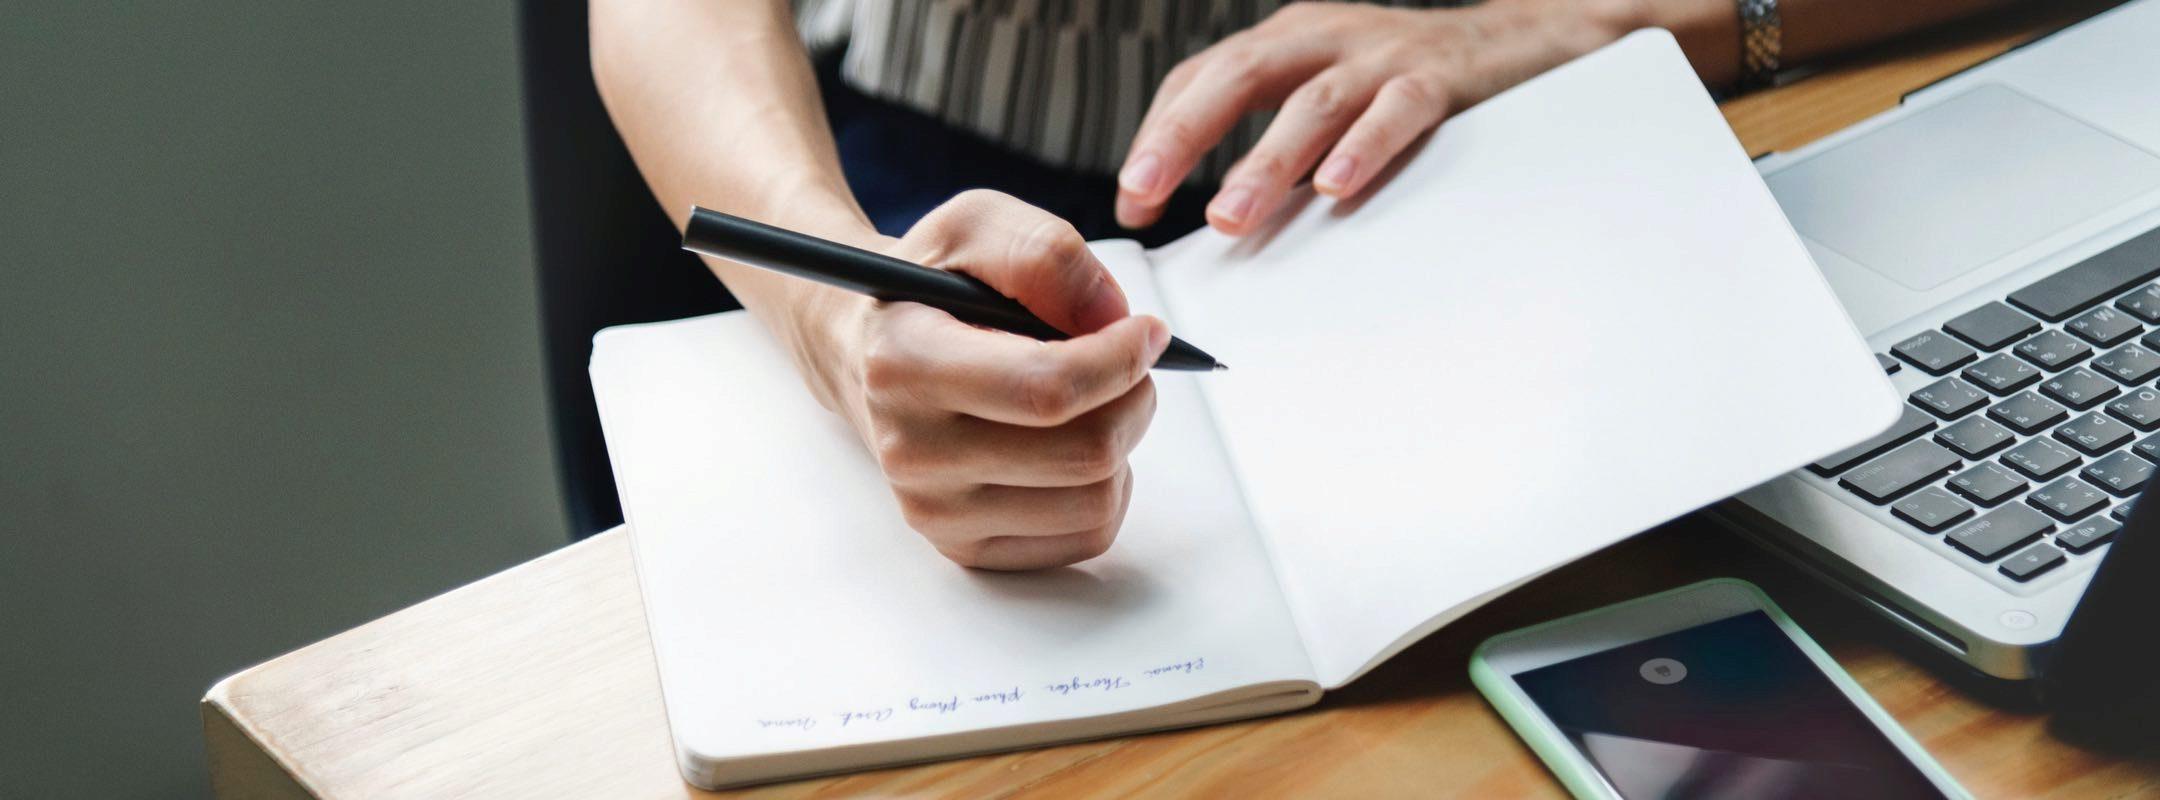 Zusatzausbildung als Jurist berufsalternativen für juristen